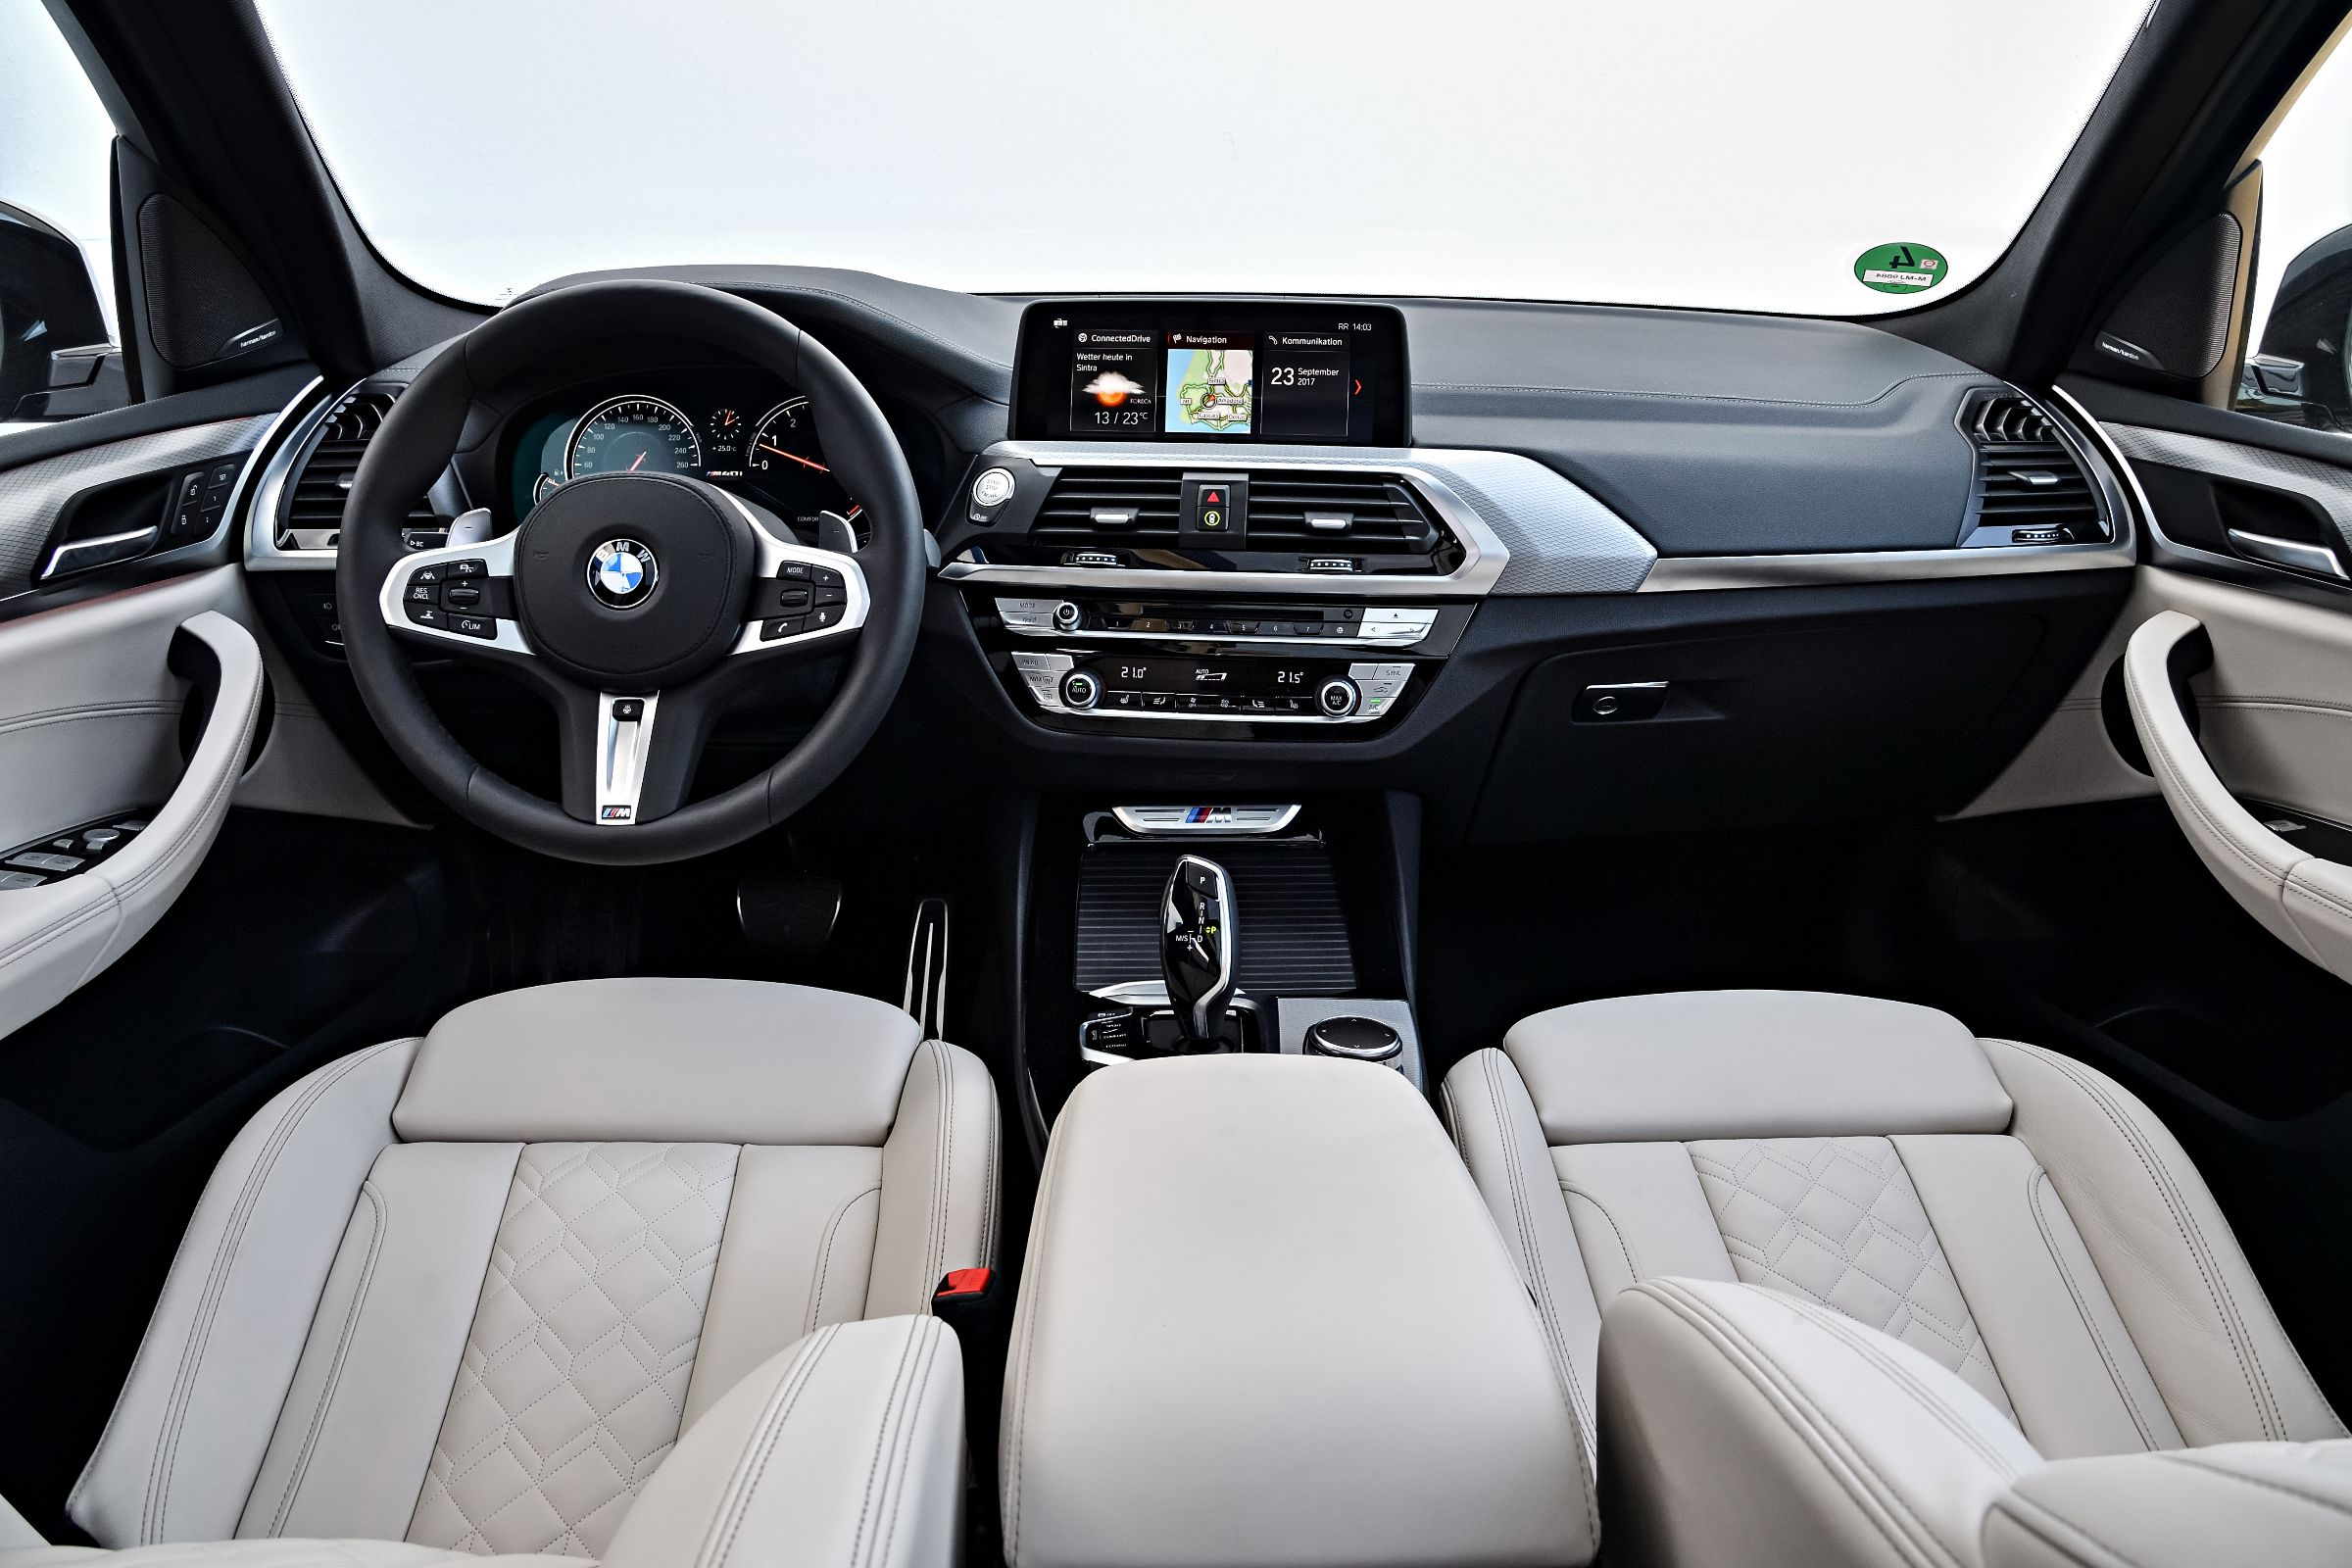 Novo BMW X3 tem pré-venda iniciada no Brasil com preços a partir de 310 mil reais